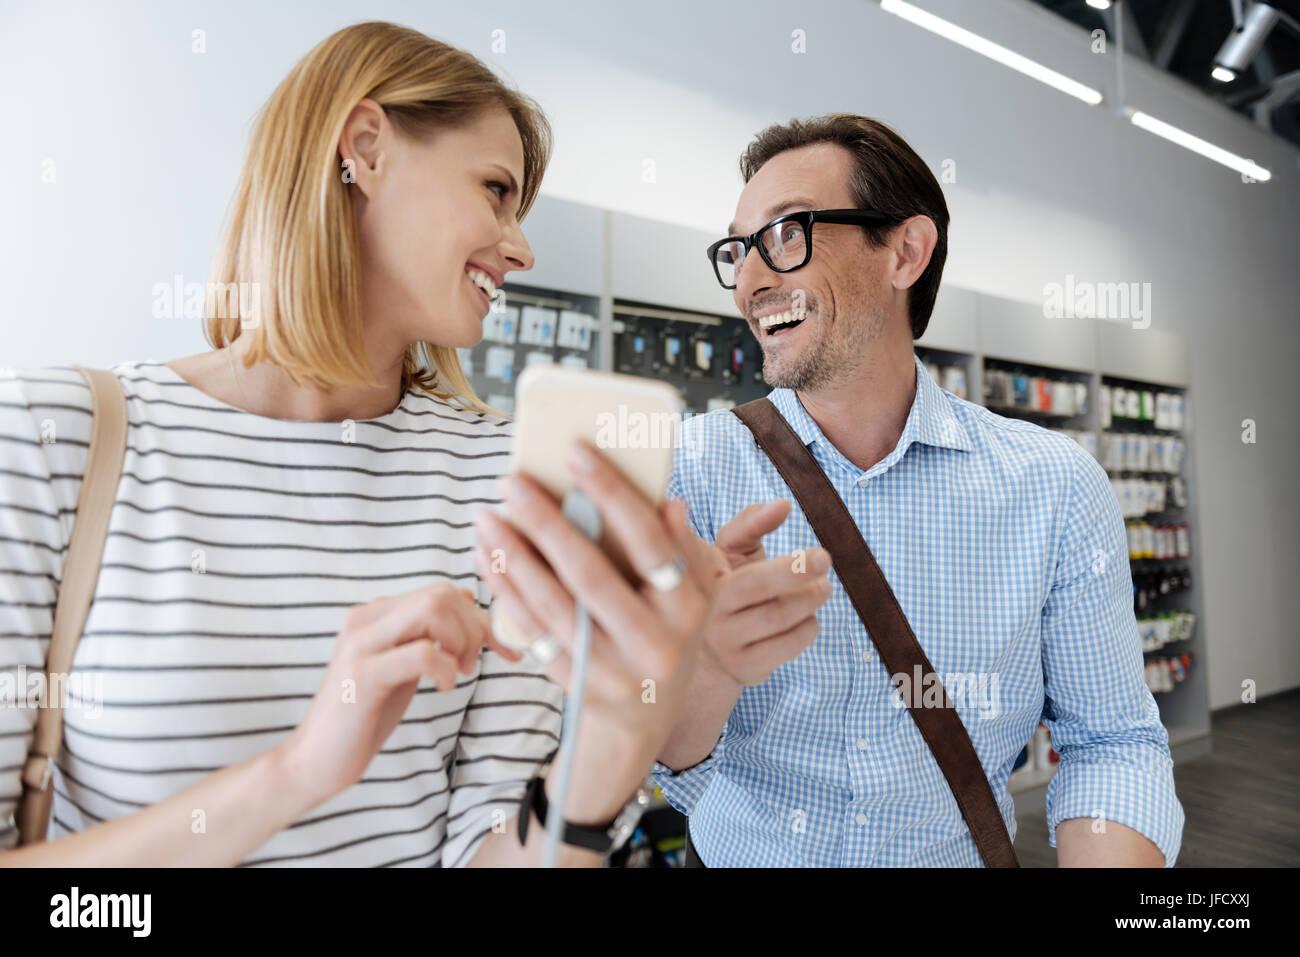 Sie müssen um es zu kaufen. Emotionalen Paar tragen legere Kleidung strahlend während und Überprüfung einer Vorlage Stockfoto